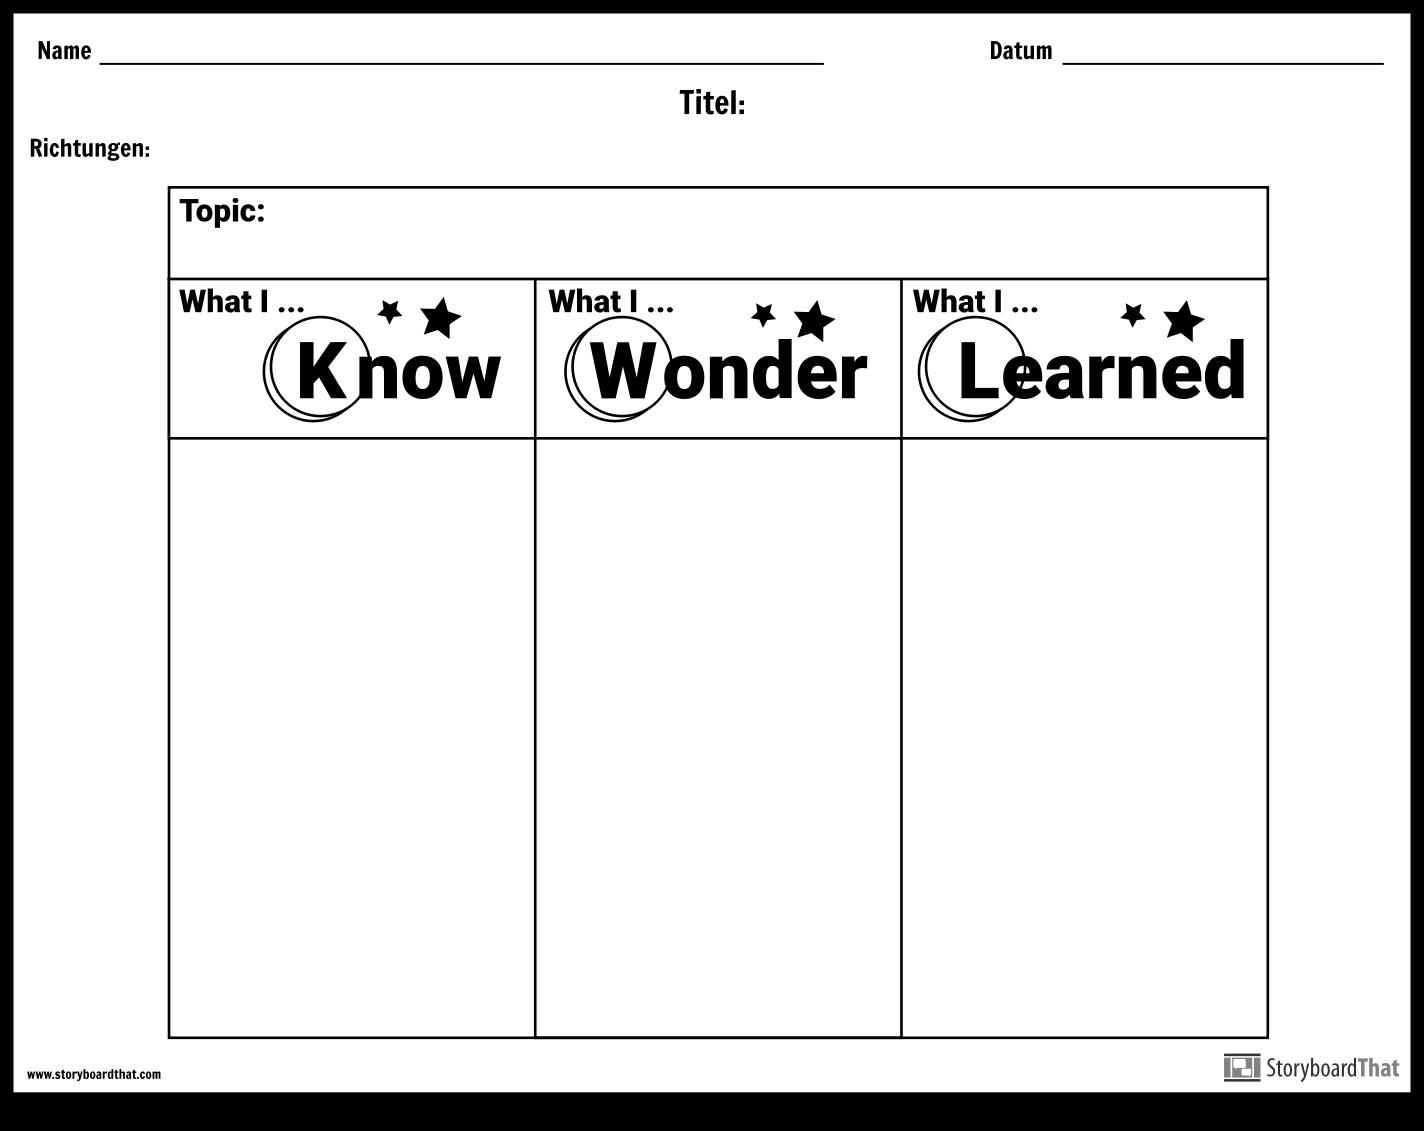 Arbeitsblatt - KWL Storyboard by de-examples